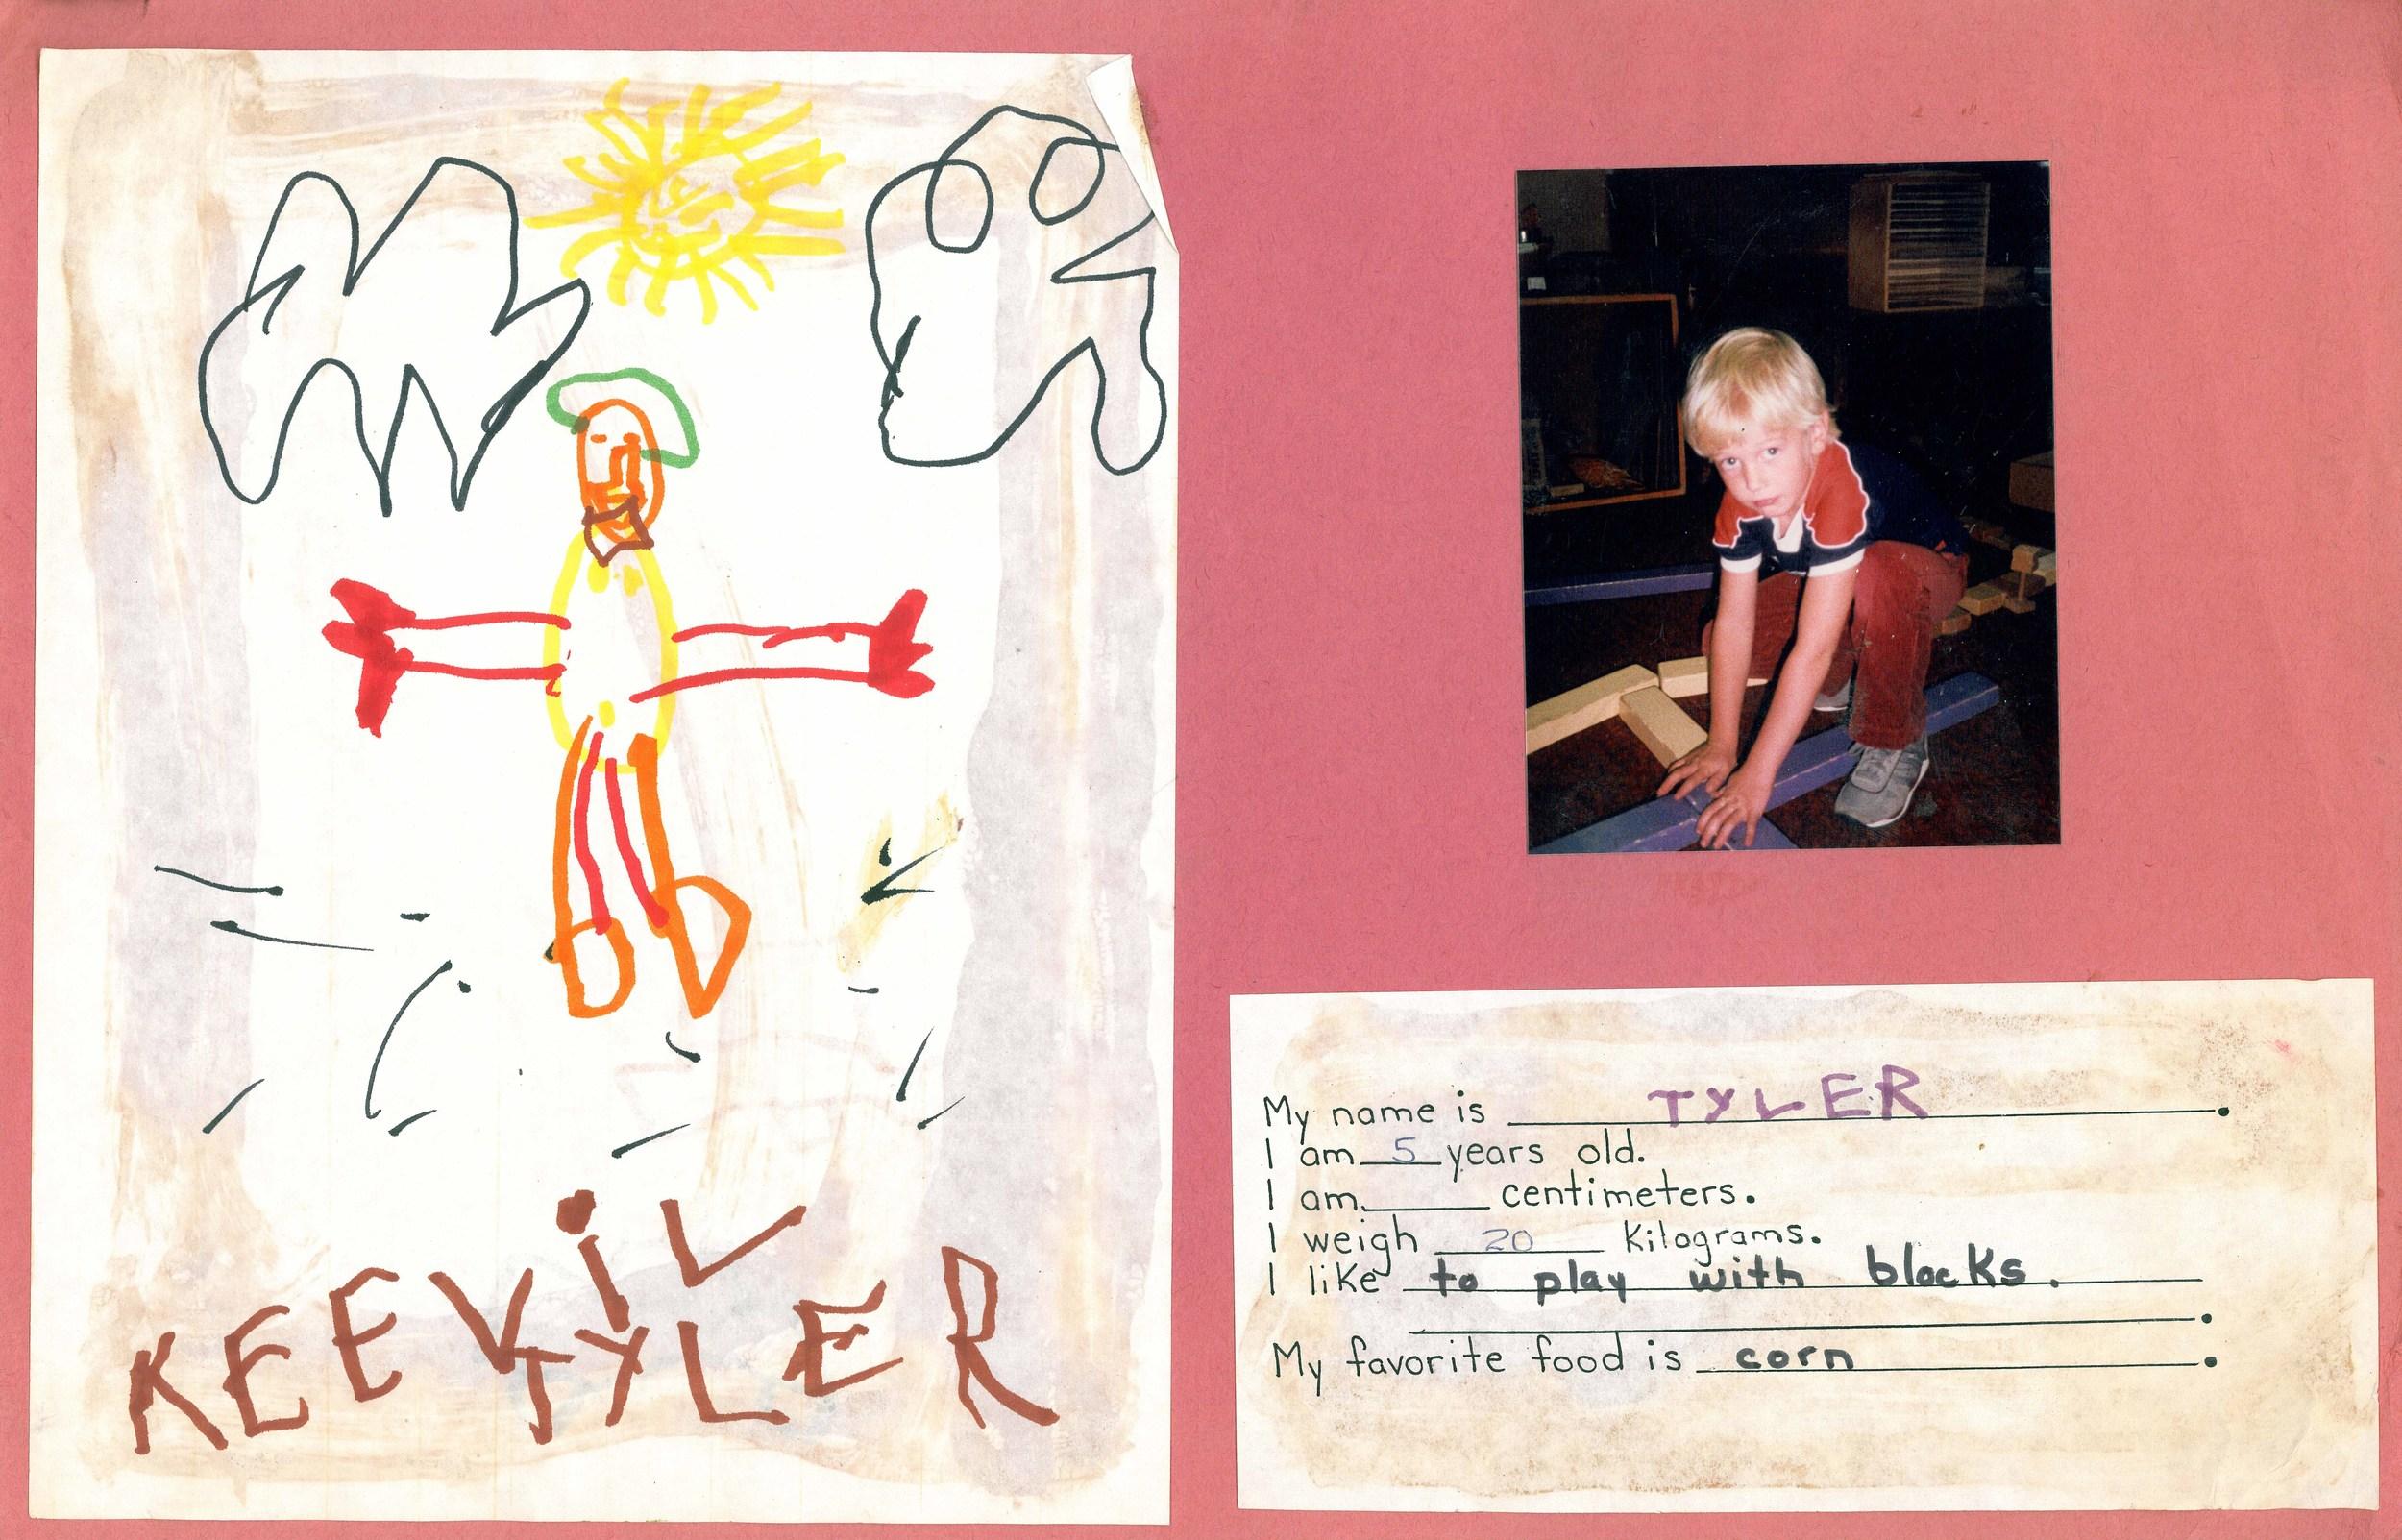 Tyler Keevil Bio 1984.jpg